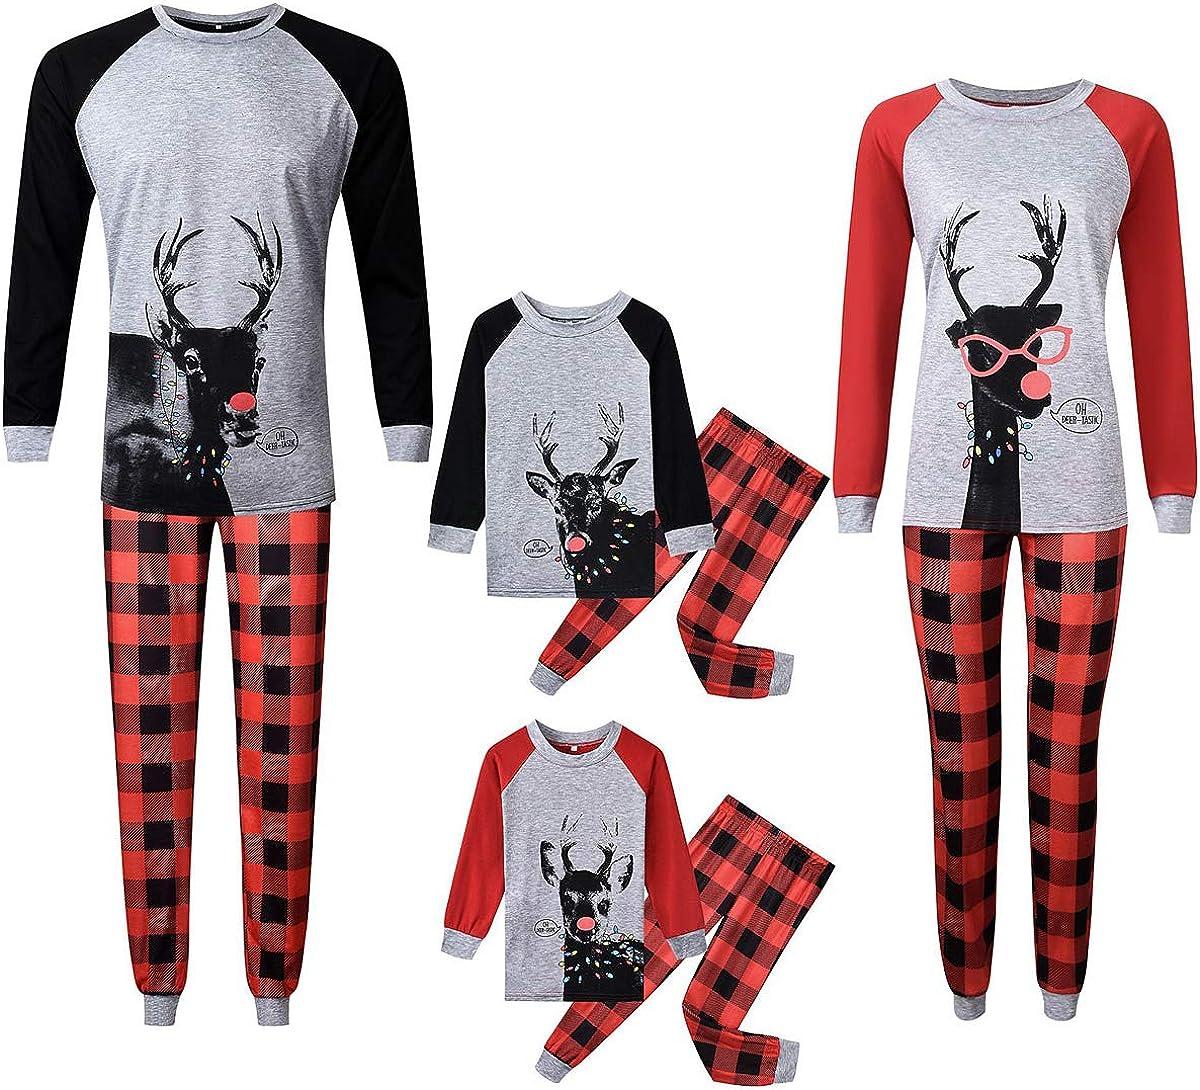 Family Matching Christmas Pajamas Sets Deer Printed Long Sleeve TeePlaid Pants Loungewear Sleepwear